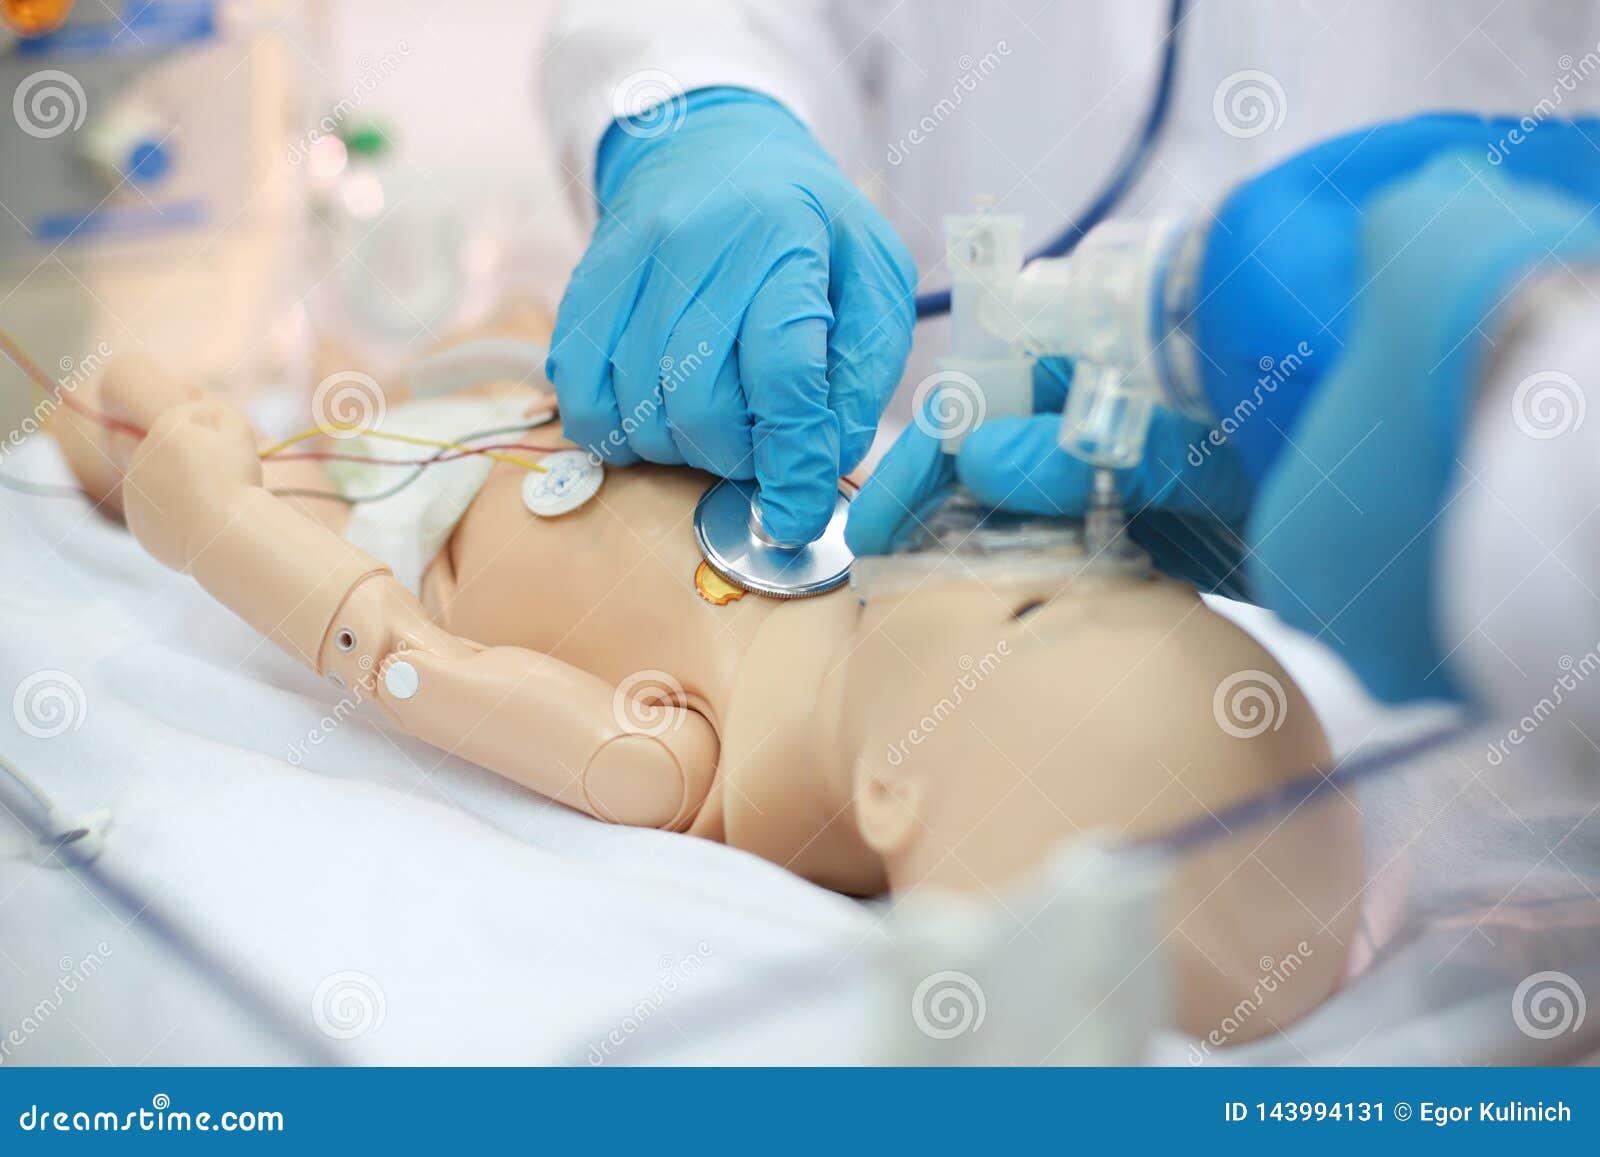 Pasgeboren reanimatie Endotracheal intubatie Het uitoefenen van medische vaardigheden op een medisch model Medisch onderwijs Mode